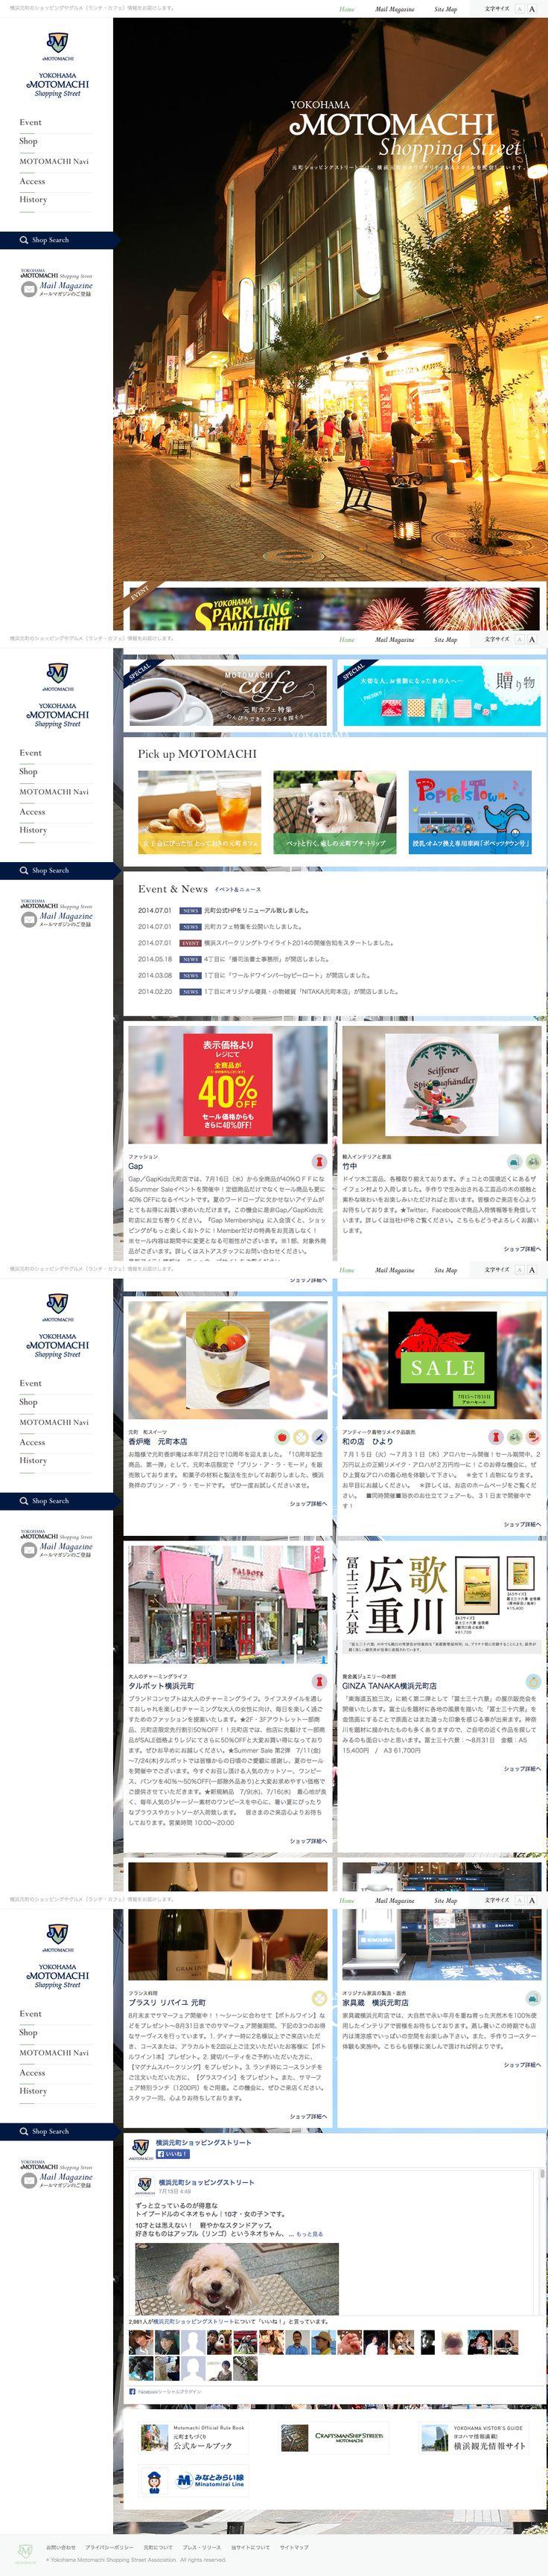 商店街サイト 横浜元町ショッピングストリート